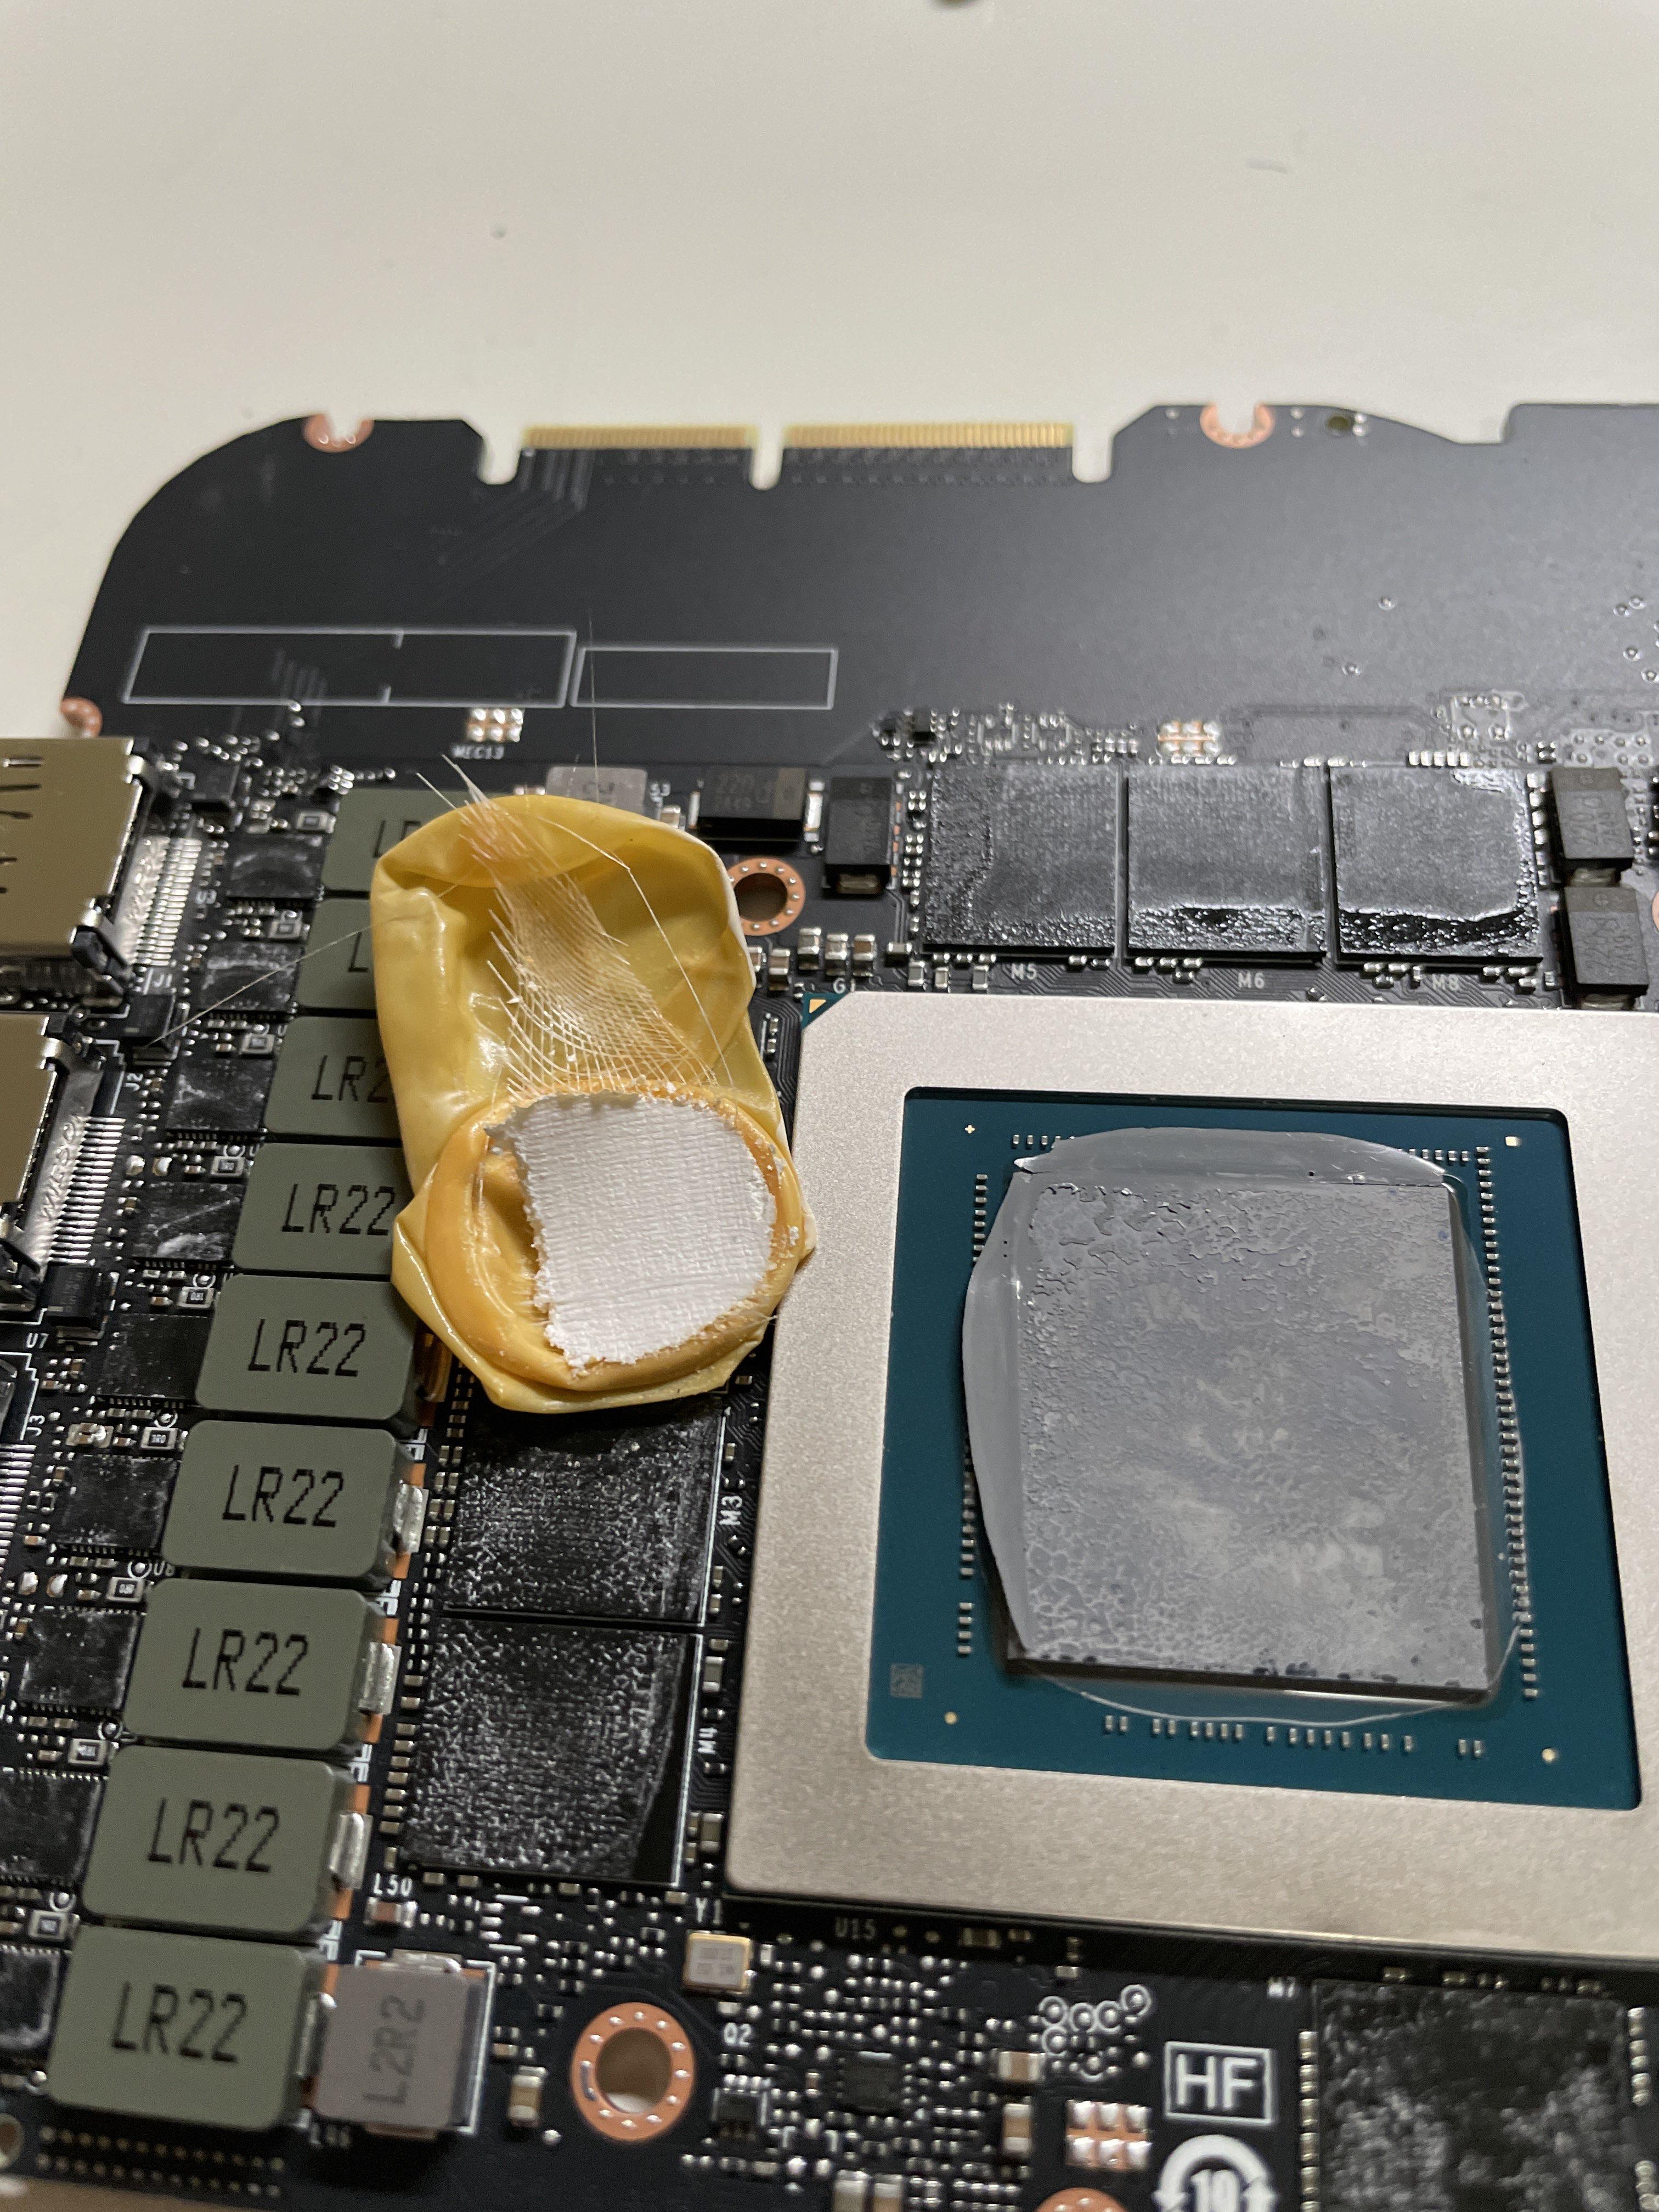 Неудачливый пользователь нашел остаток перчатки в новой RTX 3090